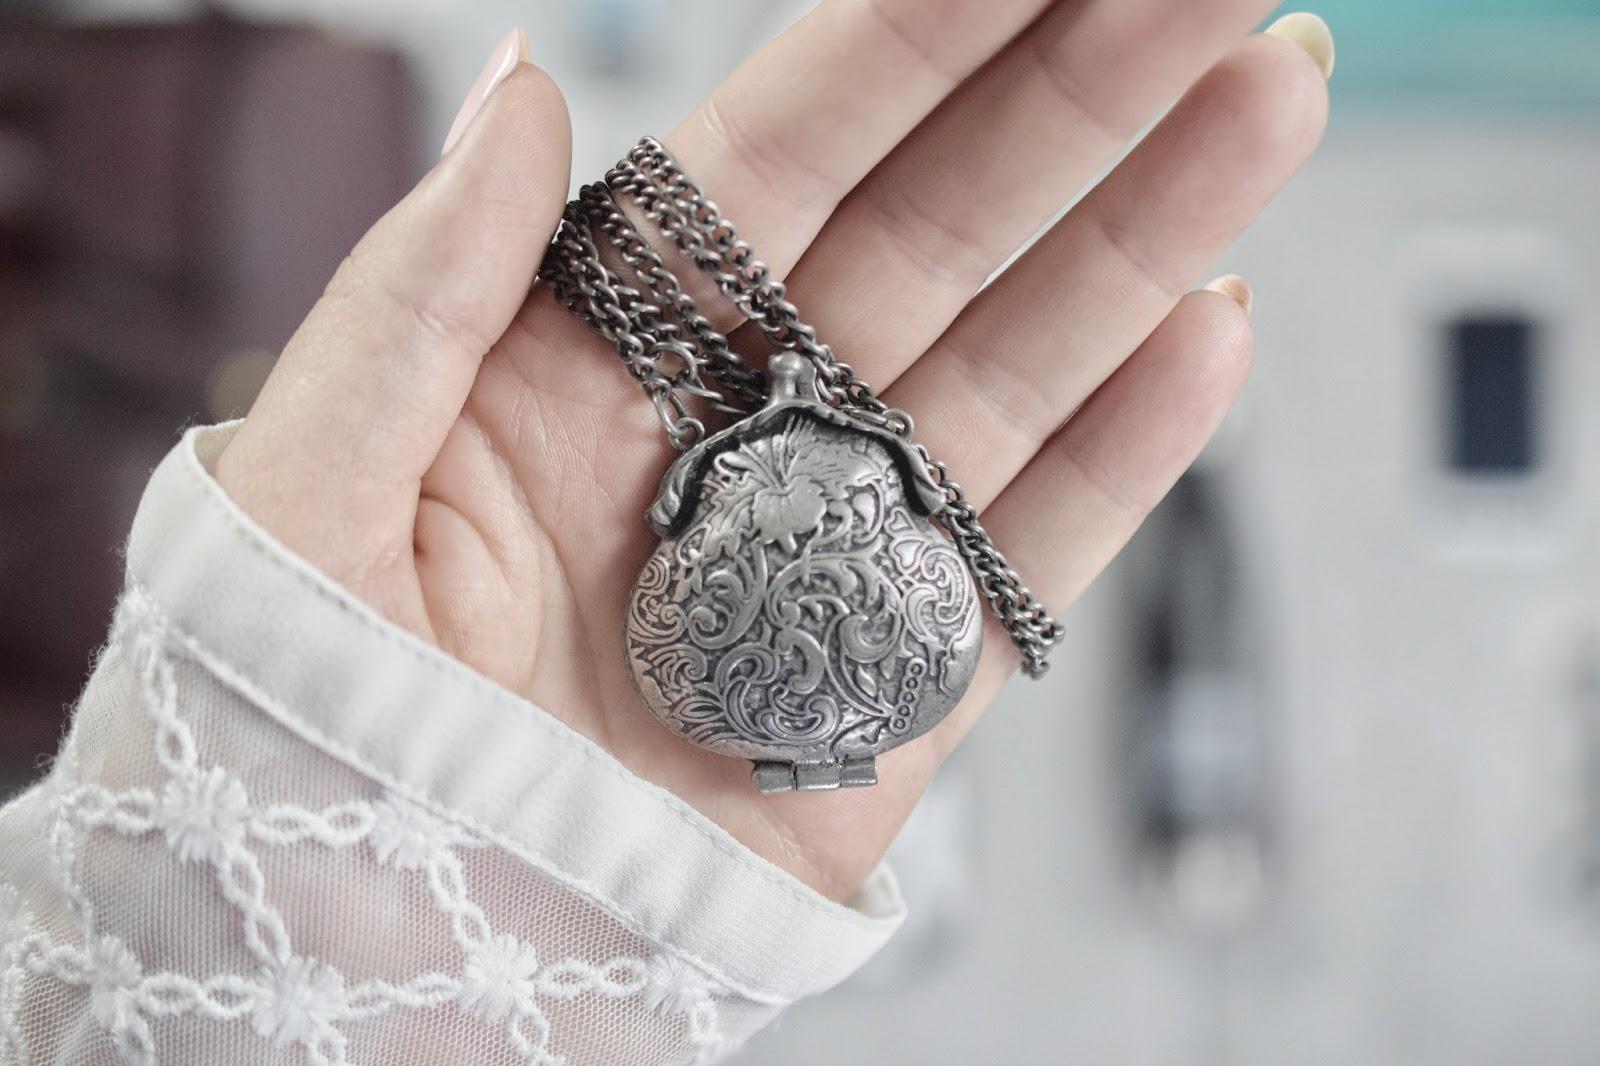 Zdradź tajemnicę dna swojej torebki... + blogowa zabawa